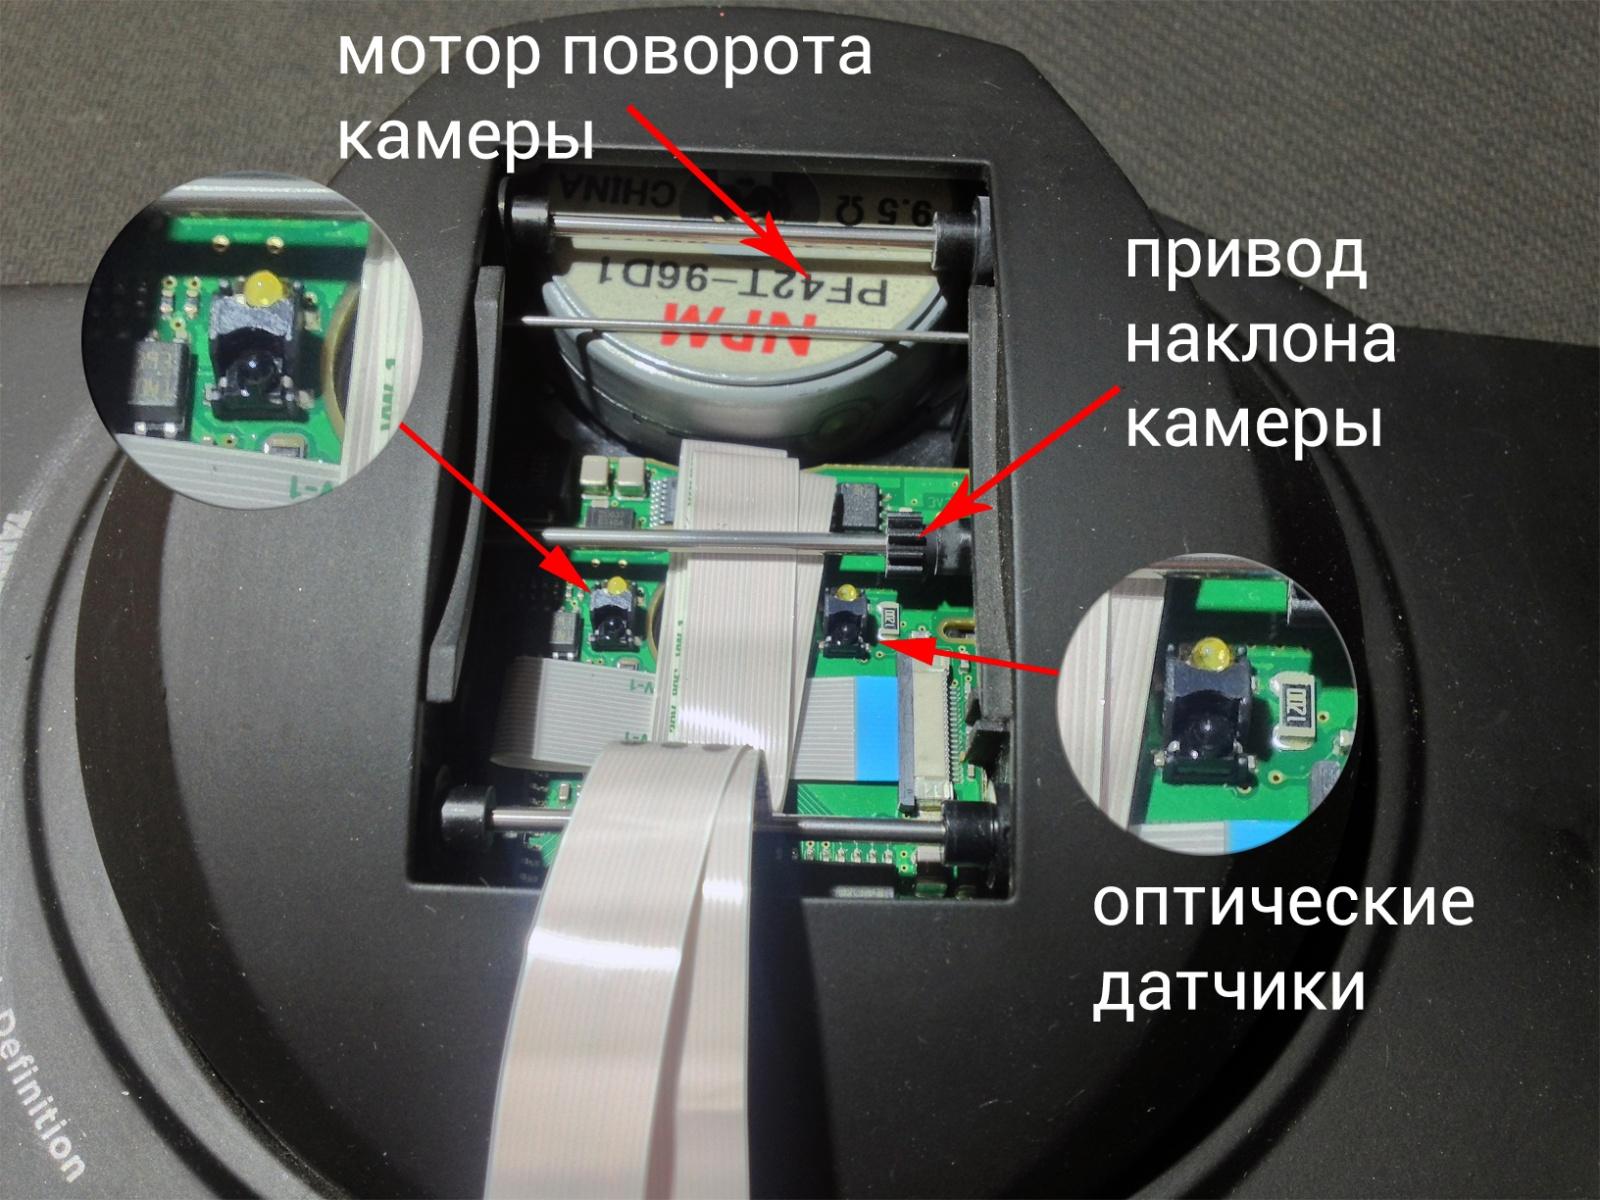 Разбор PTZ-камеры: что внутри и как это работает - 8